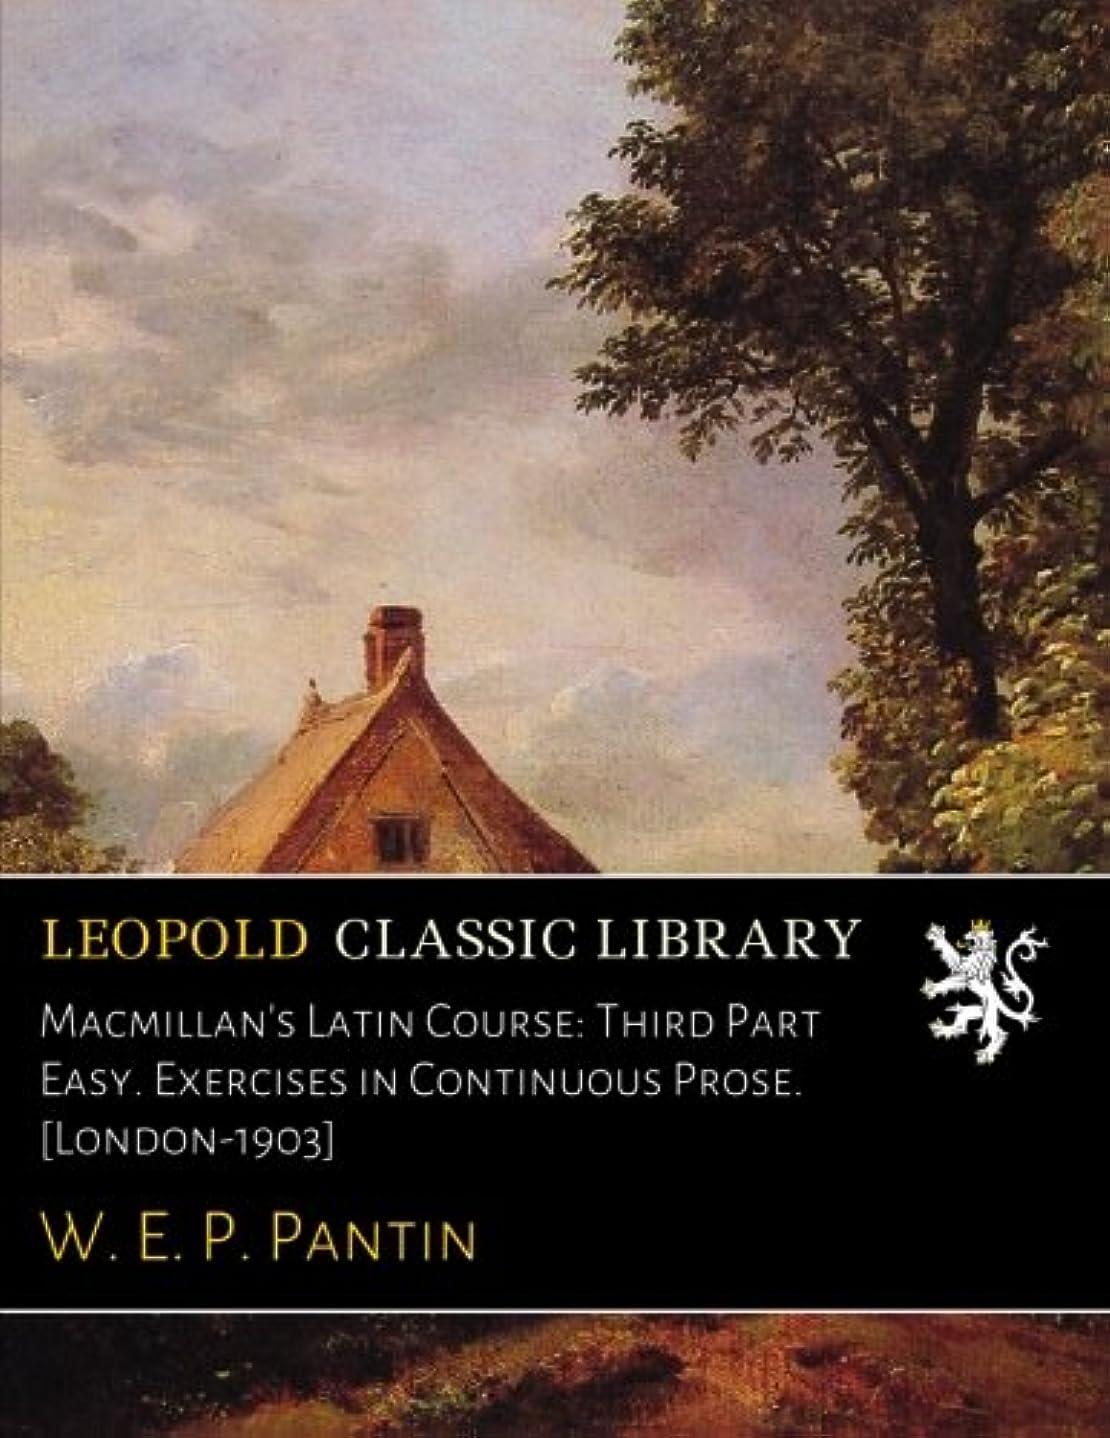 怠感ホールド駅Macmillan's Latin Course: Third Part Easy. Exercises in Continuous Prose. [London-1903]